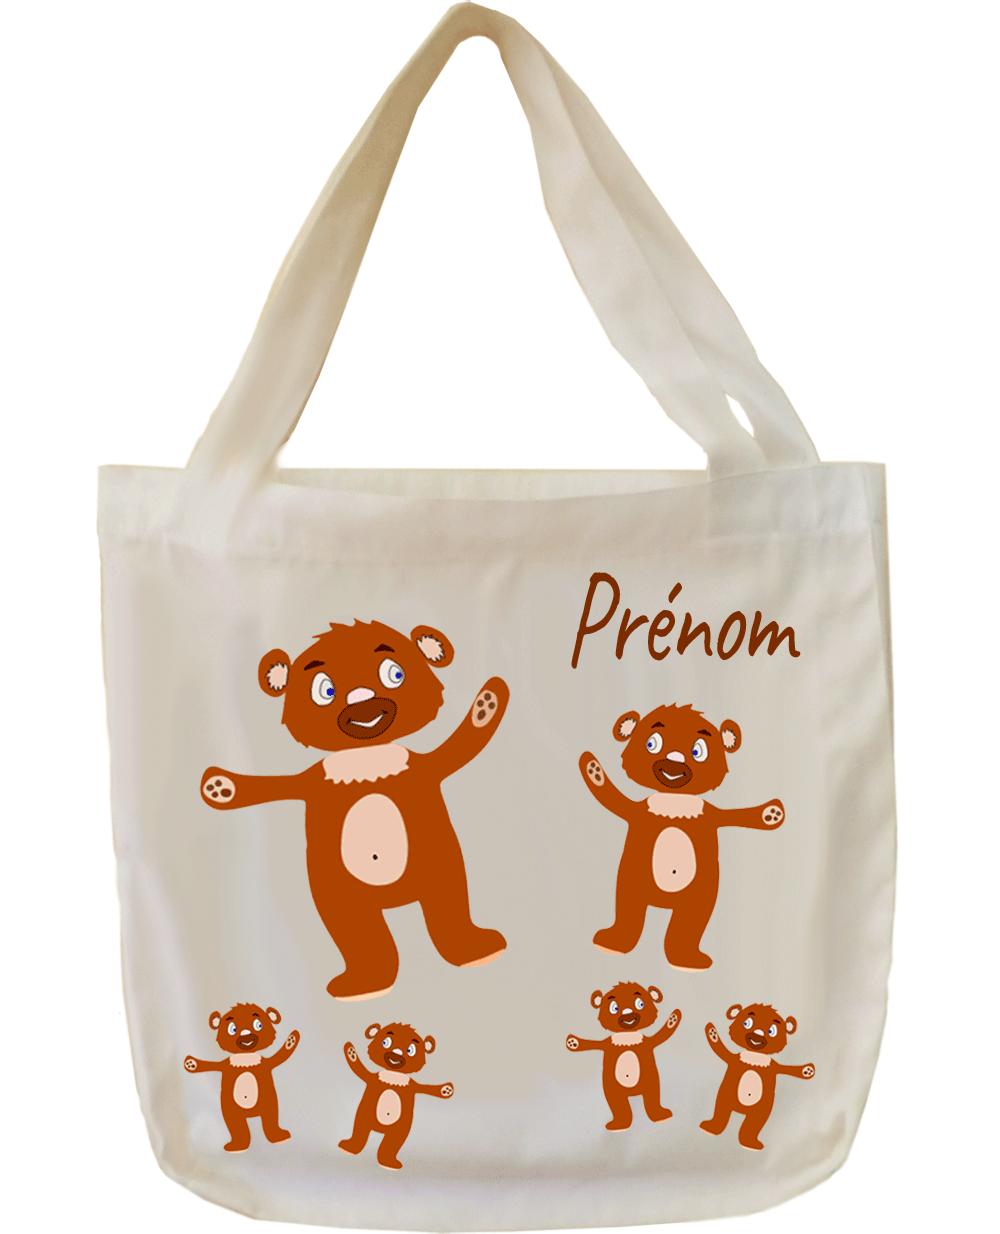 tote-bag;sac;cabas;texti;cadeaux;personnalisable;personnalisation;personnalise;prenom;animal;ours;nounours;doudou